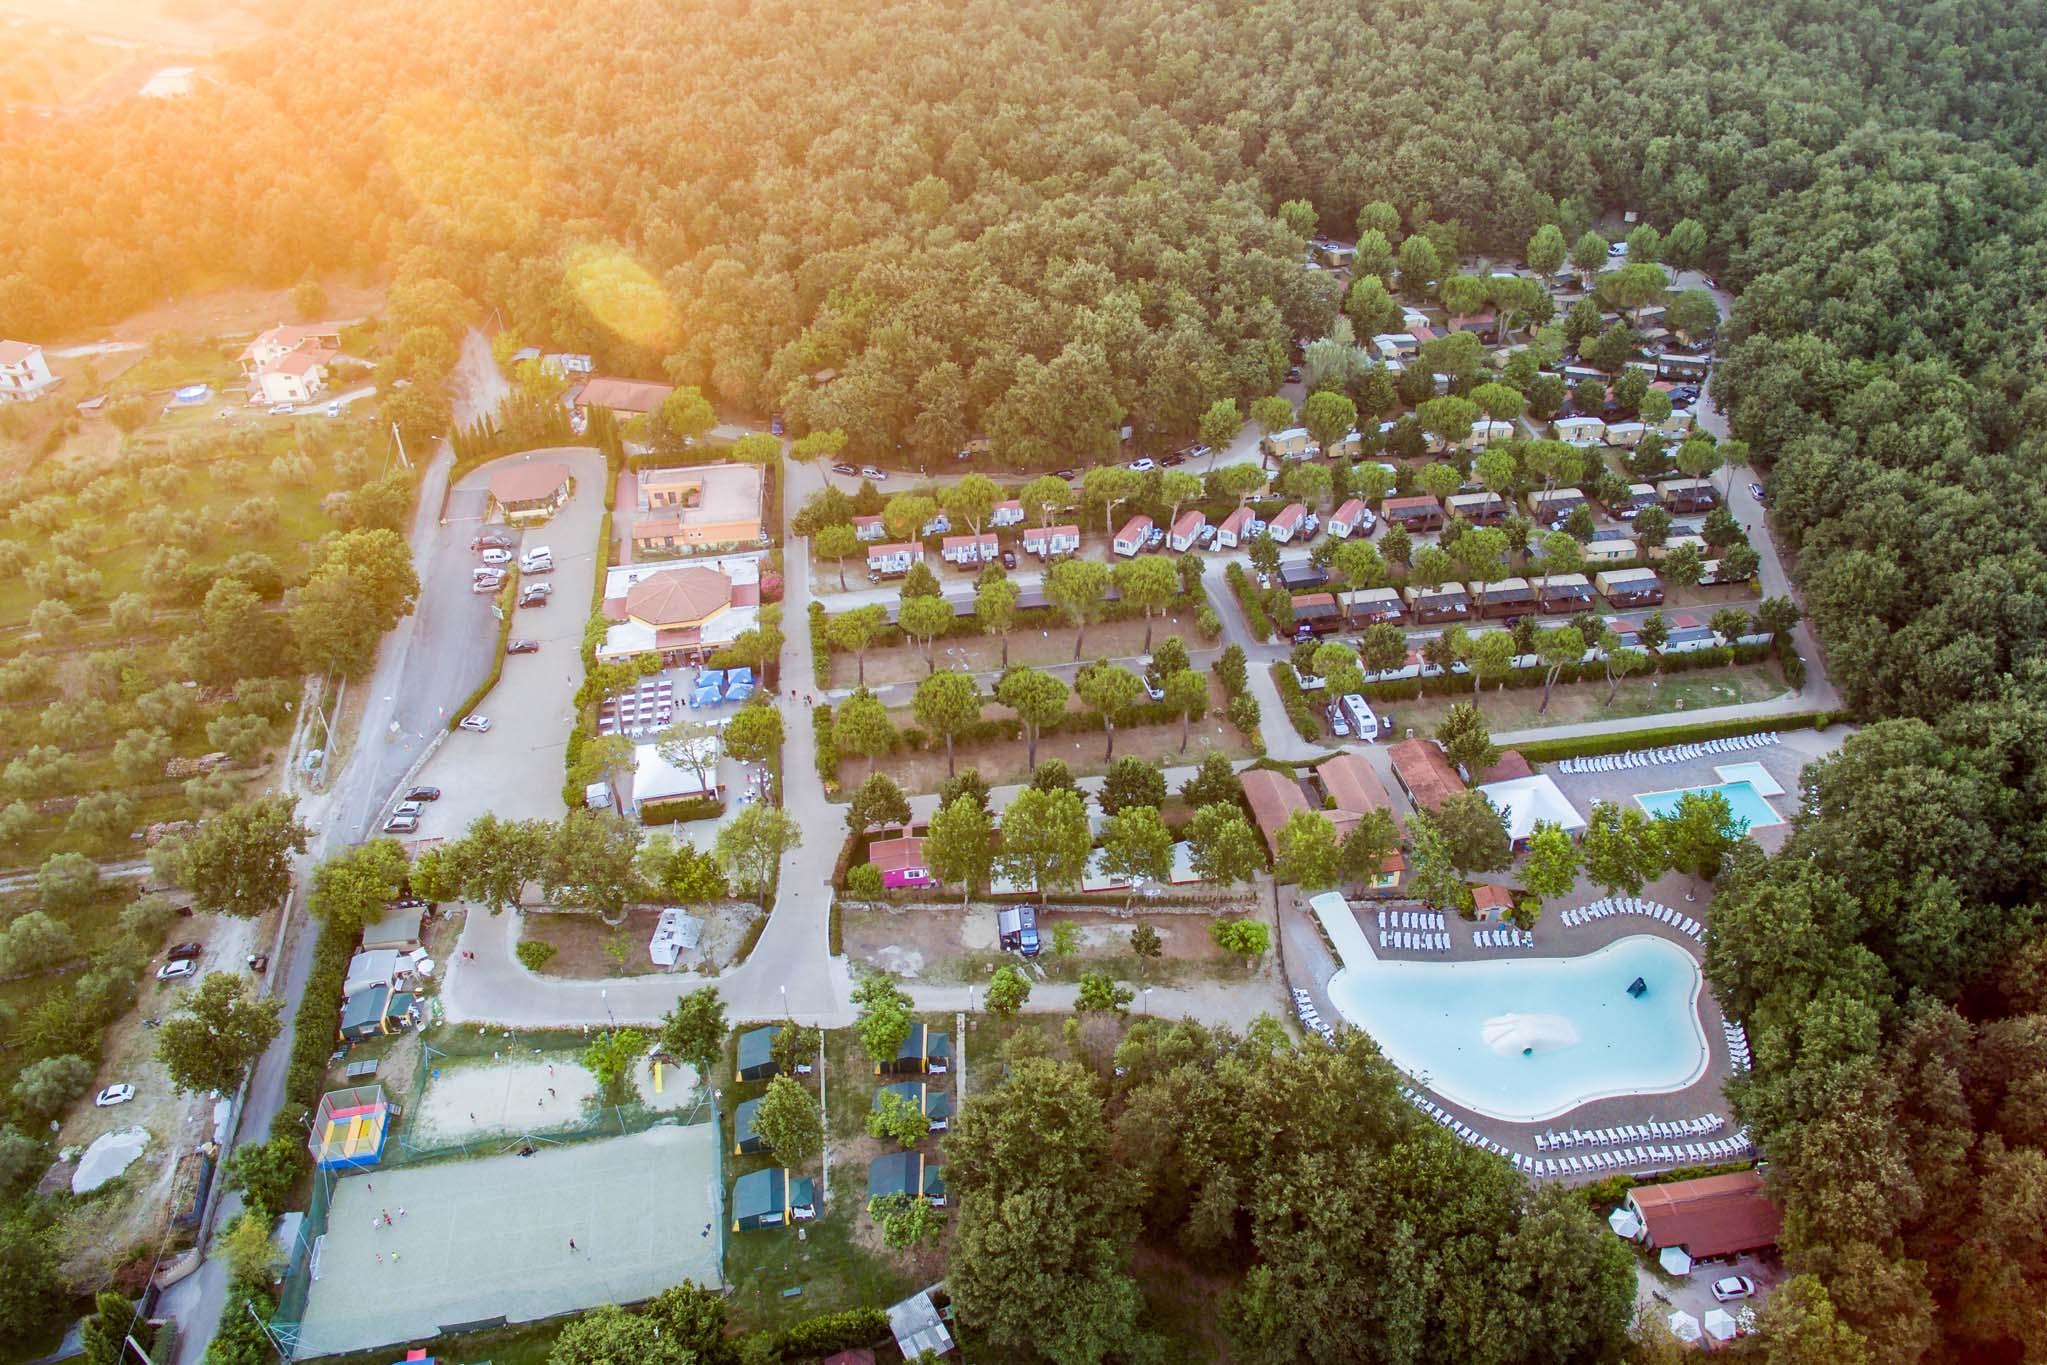 Panoramica de i Pini dall'alto con piscine e bungalow